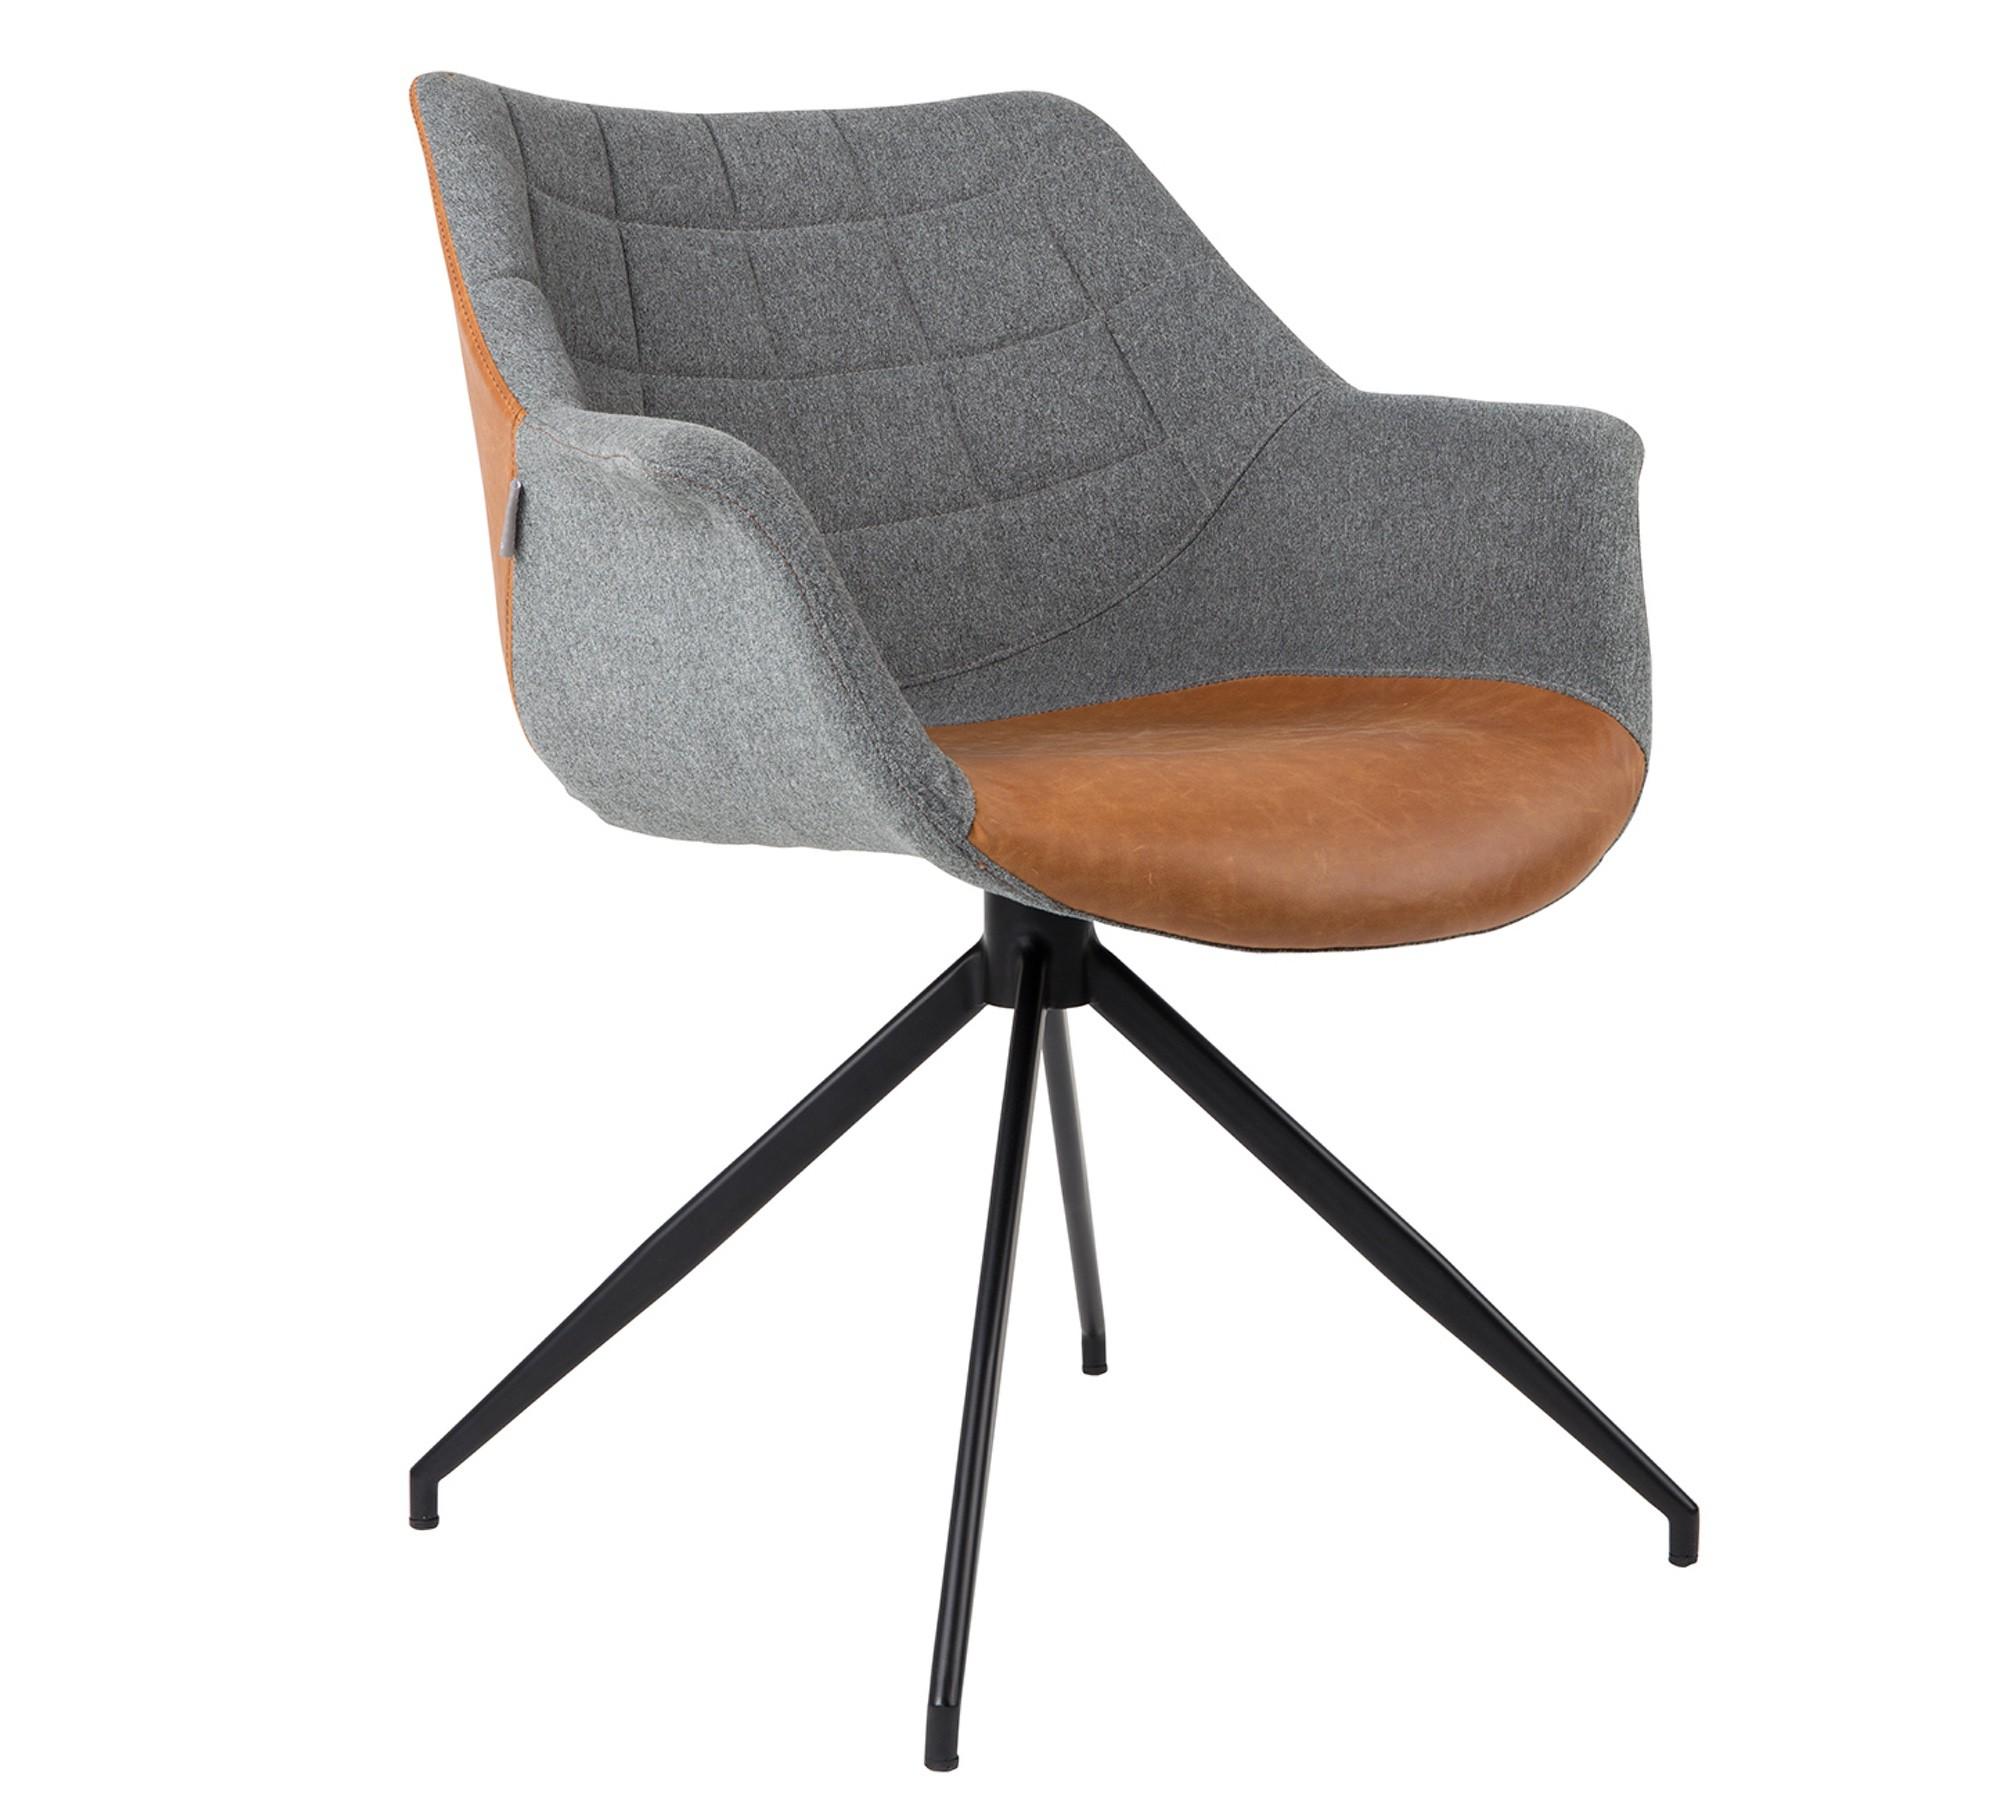 Bemerkenswert Armlehnstuhl Grau Sammlung Von Zuiver Doulton Vintage Braun 001